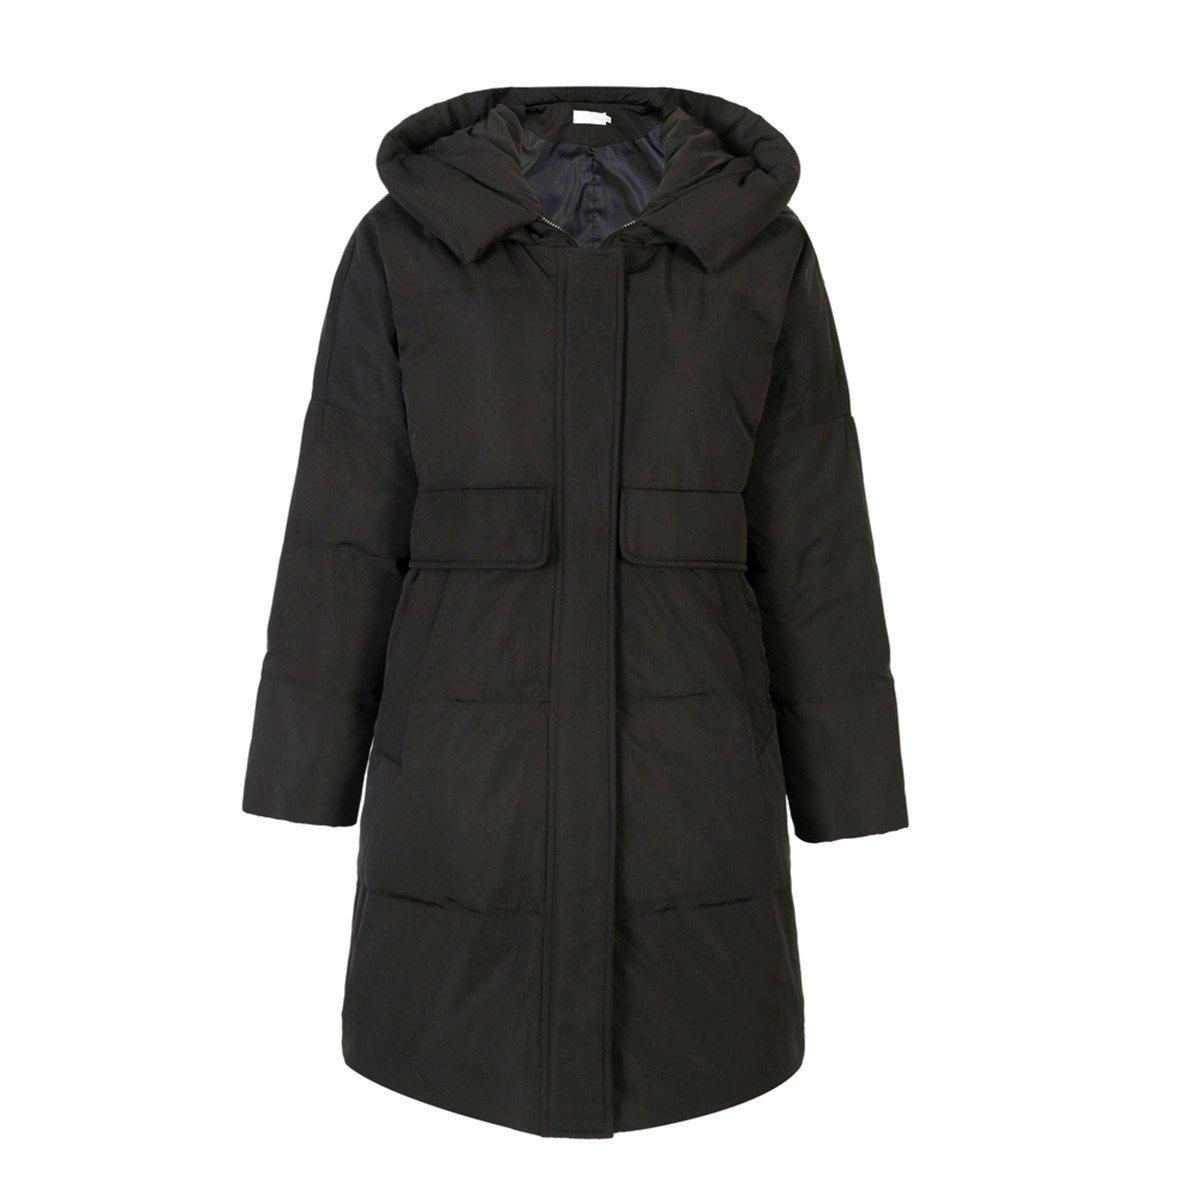 JIEHANS New 2018 Brand Hooded Jacket Women Loose Large Size Jacket Middle Long Section Windbreaker (M, Black)